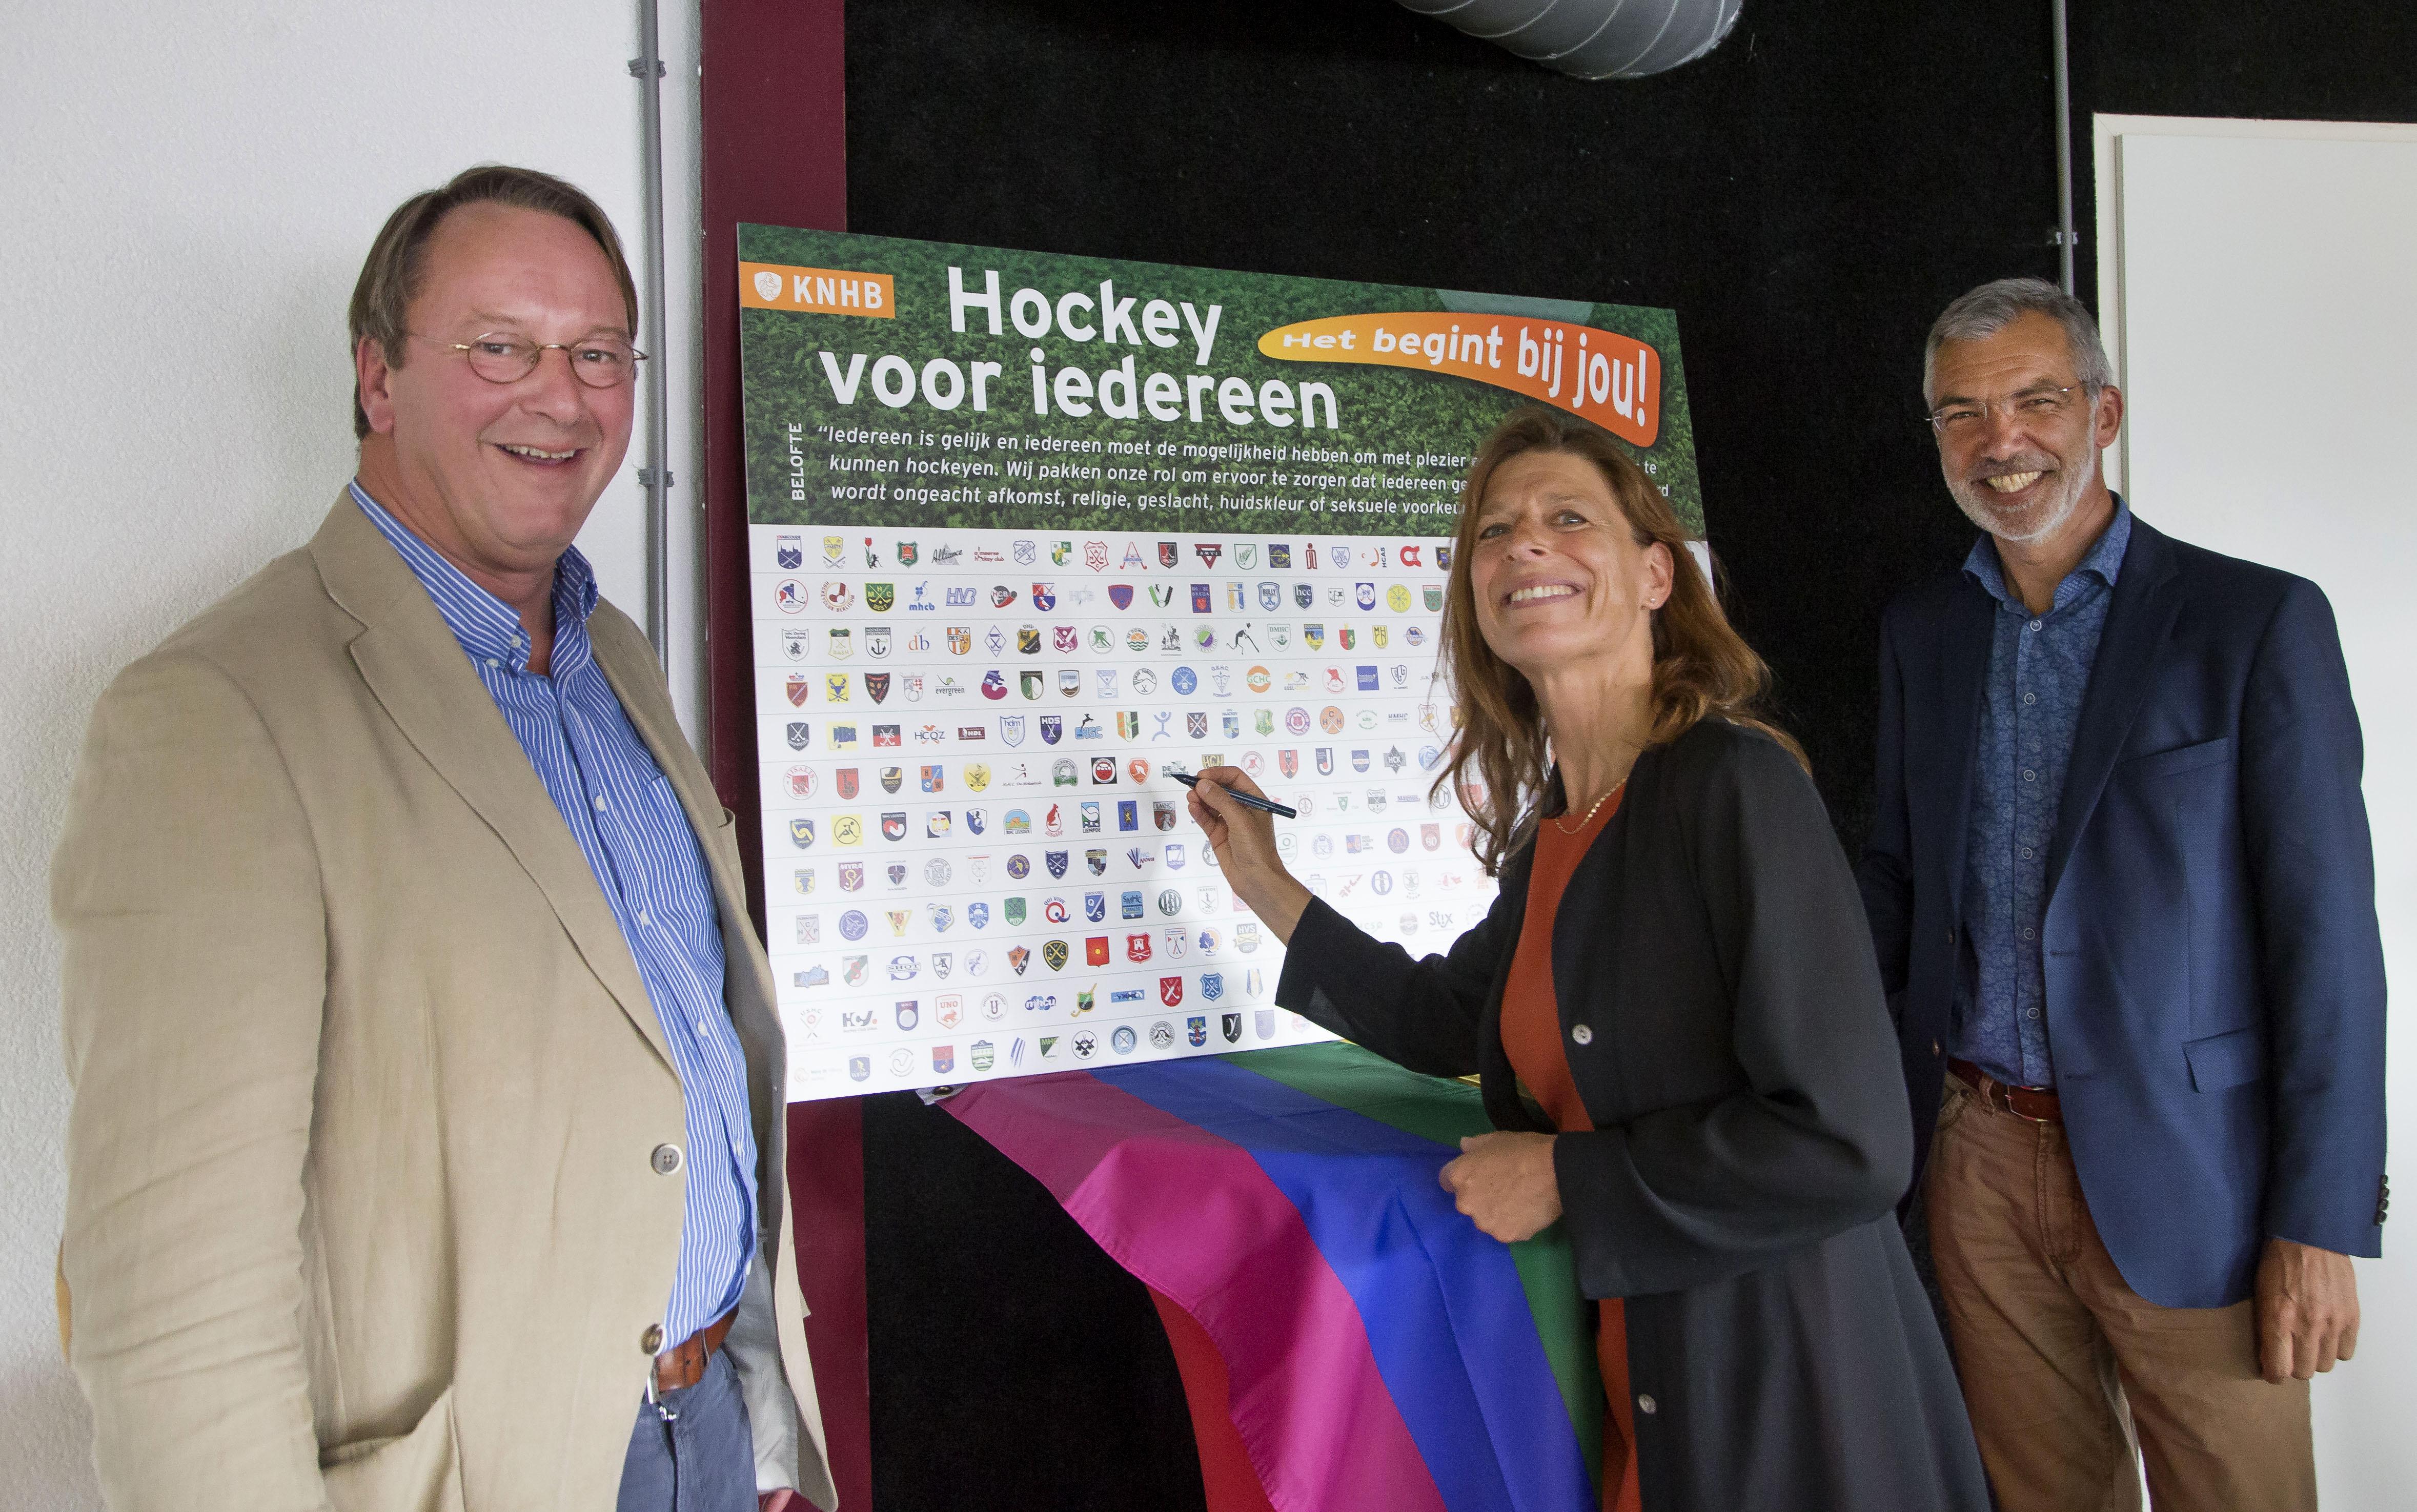 Congres 'Hockey voor iedereen': verenigingen slaan handen ineen rondom het thema diversiteit